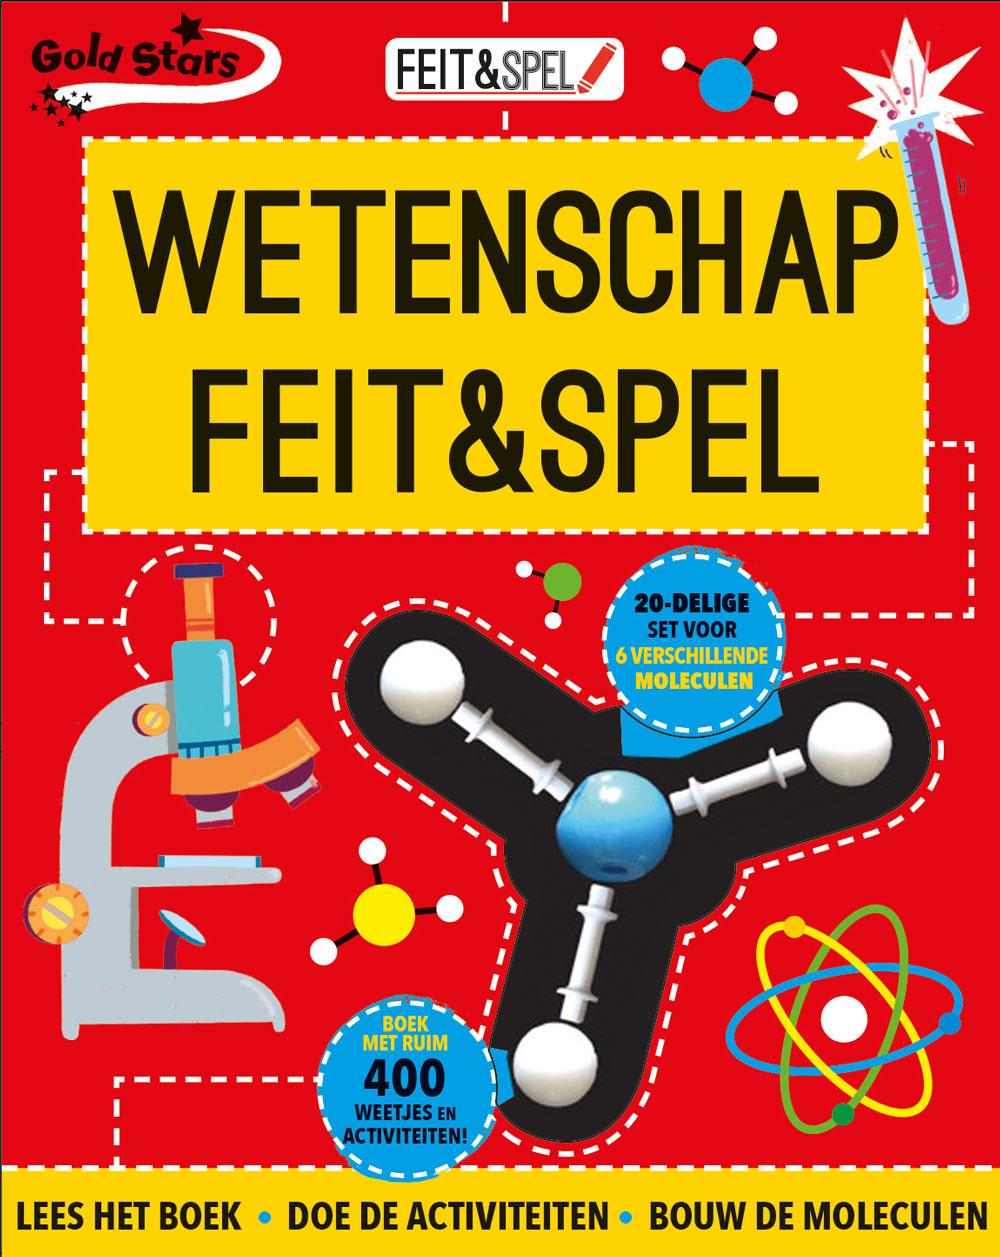 Feit & spel Kit Wetenschap